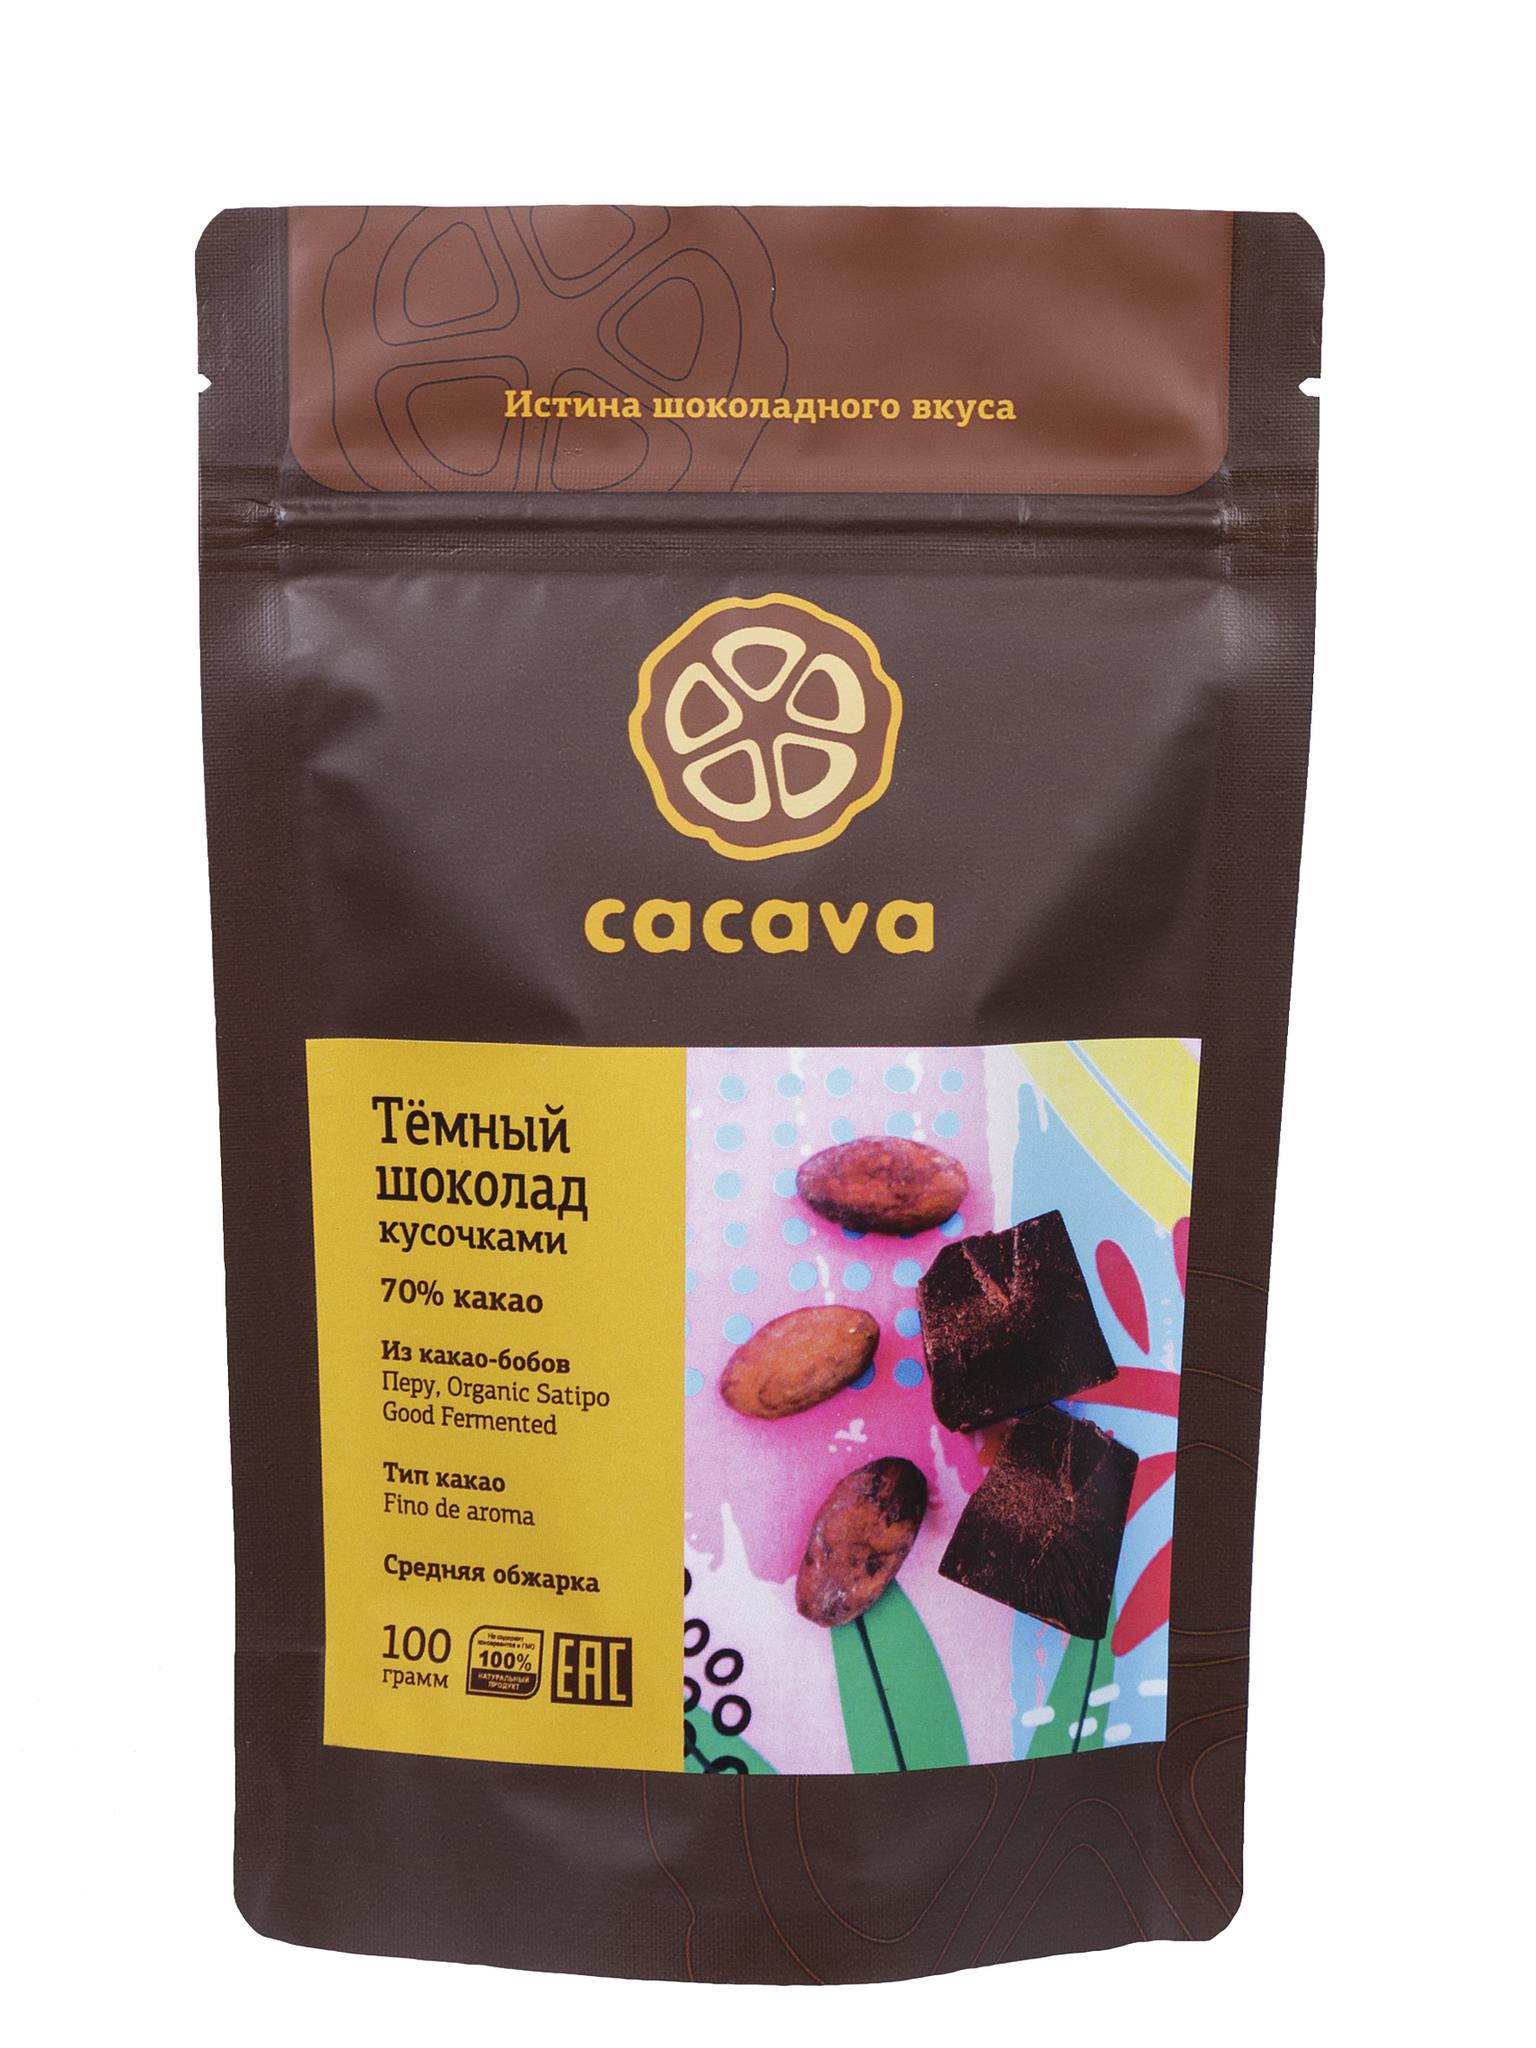 Тёмный шоколад 70 % какао (Перу, Good Fermented), упаковка 100 грамм